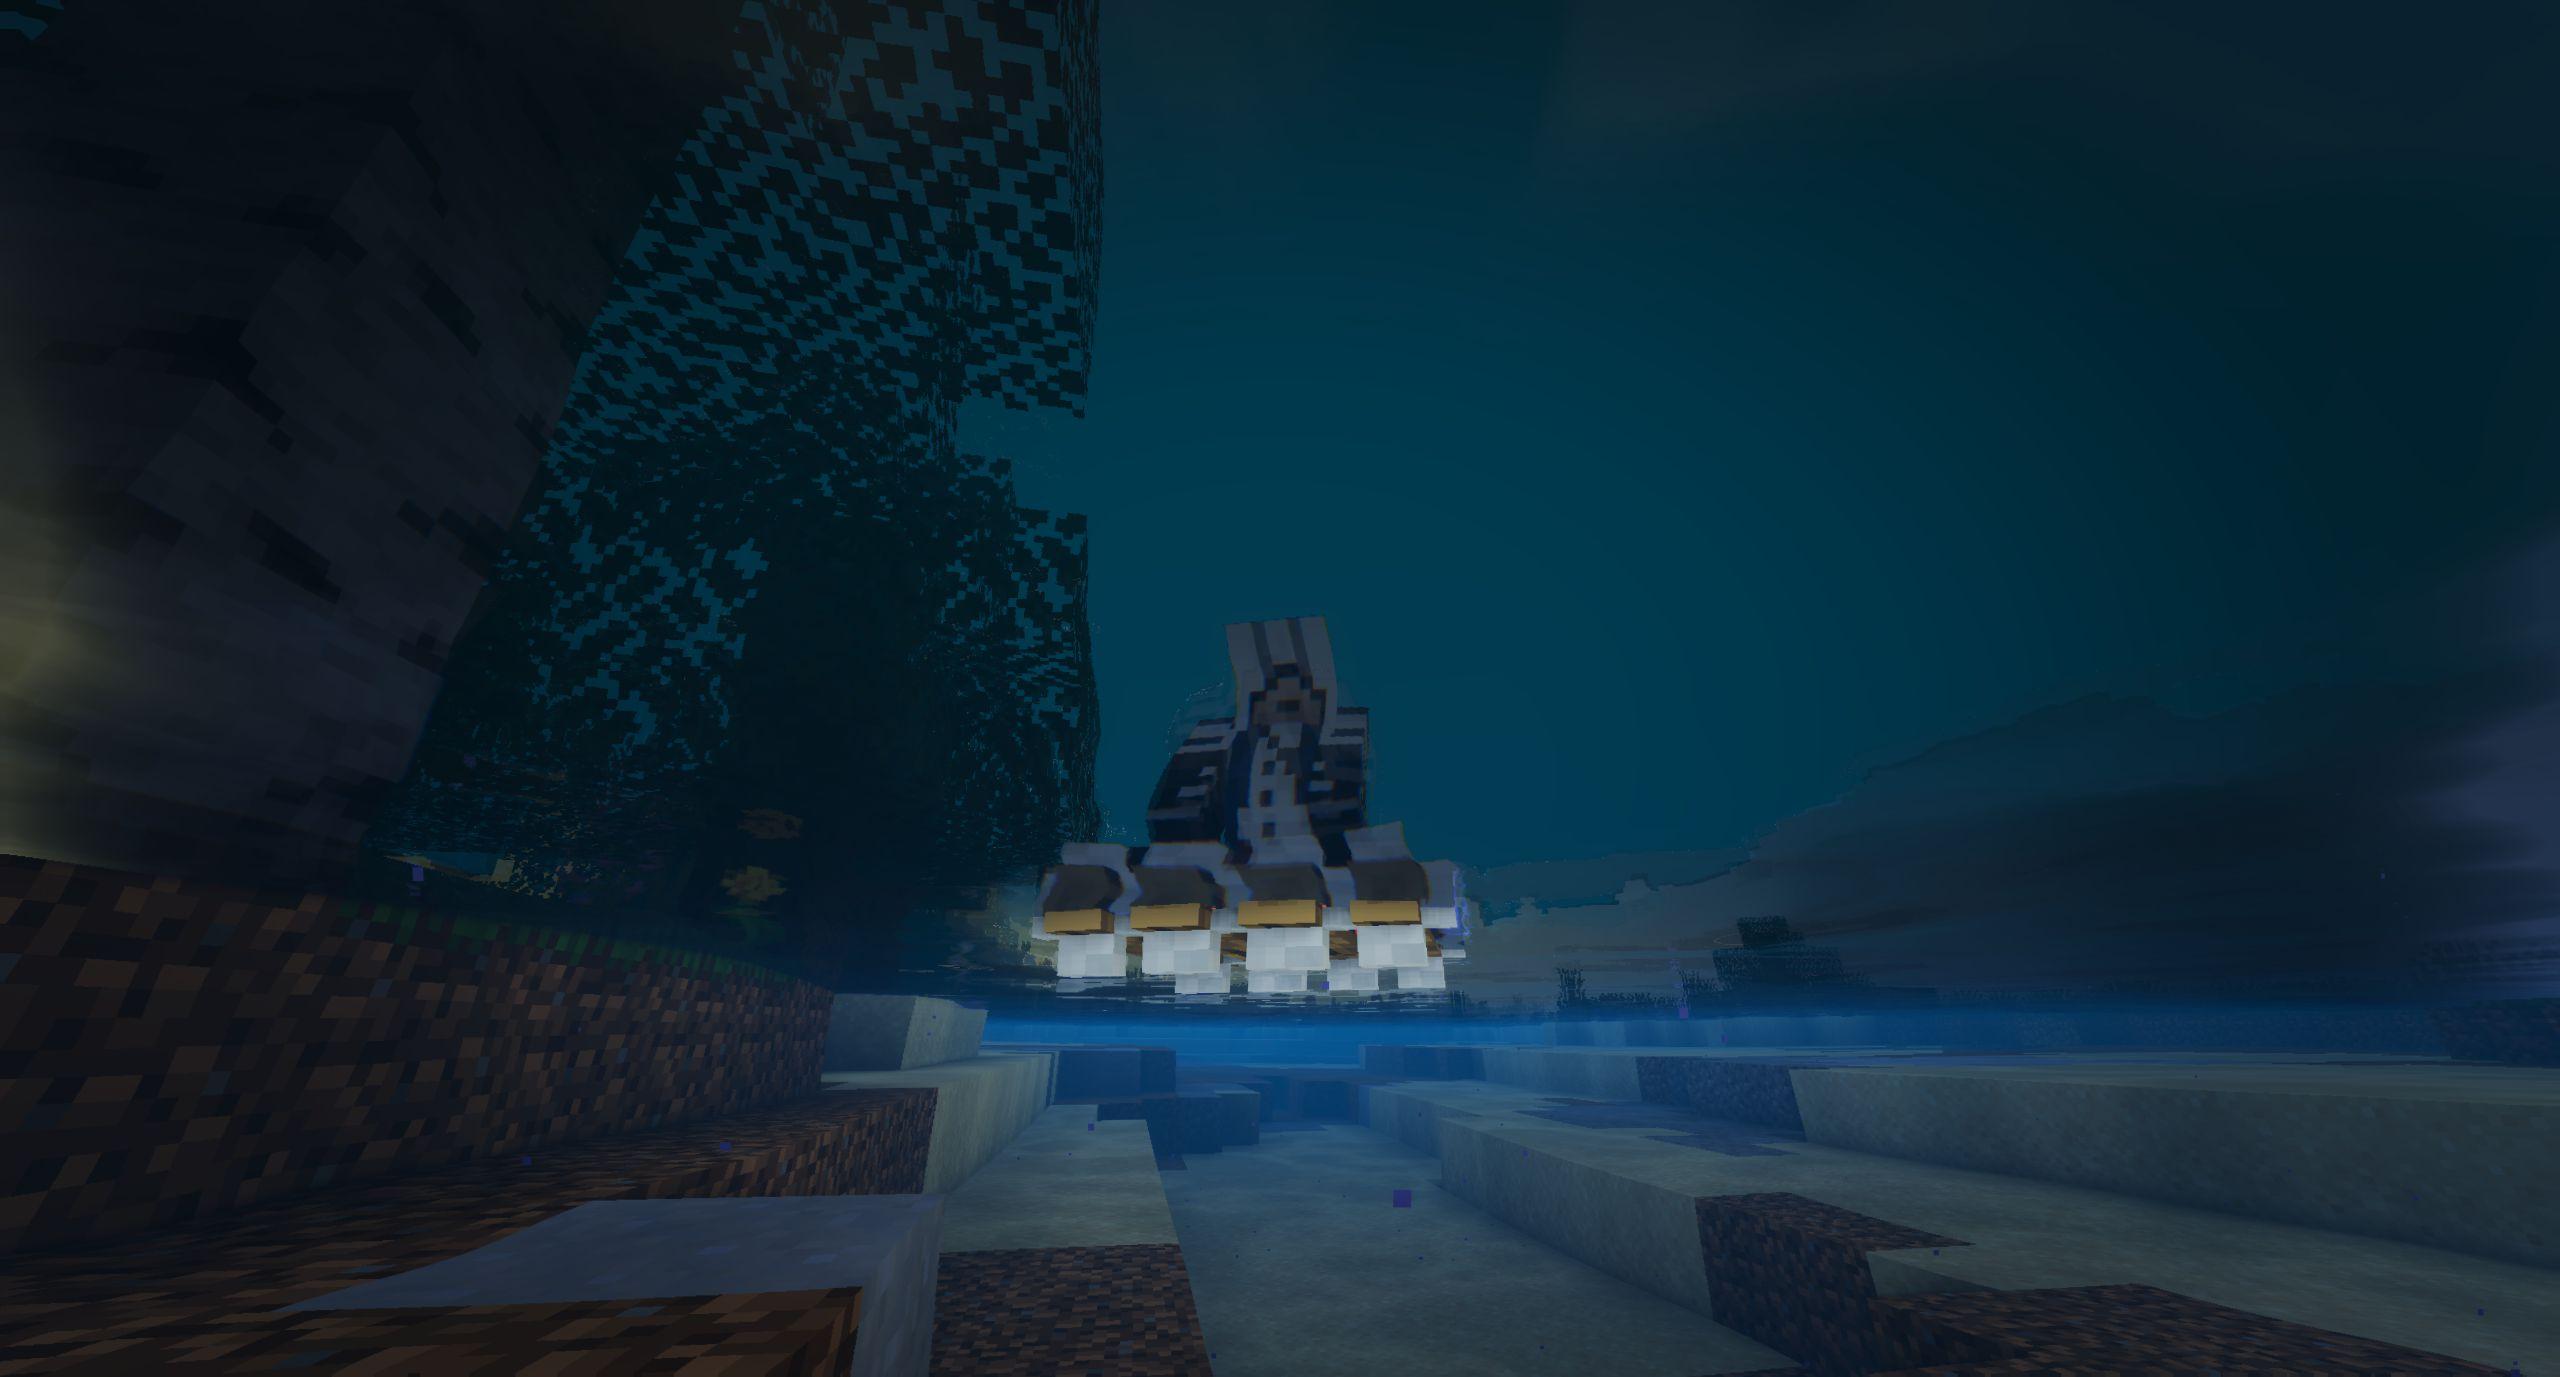 Мод на плот «Just A Raft» (быстрая лодка) - скриншот 3